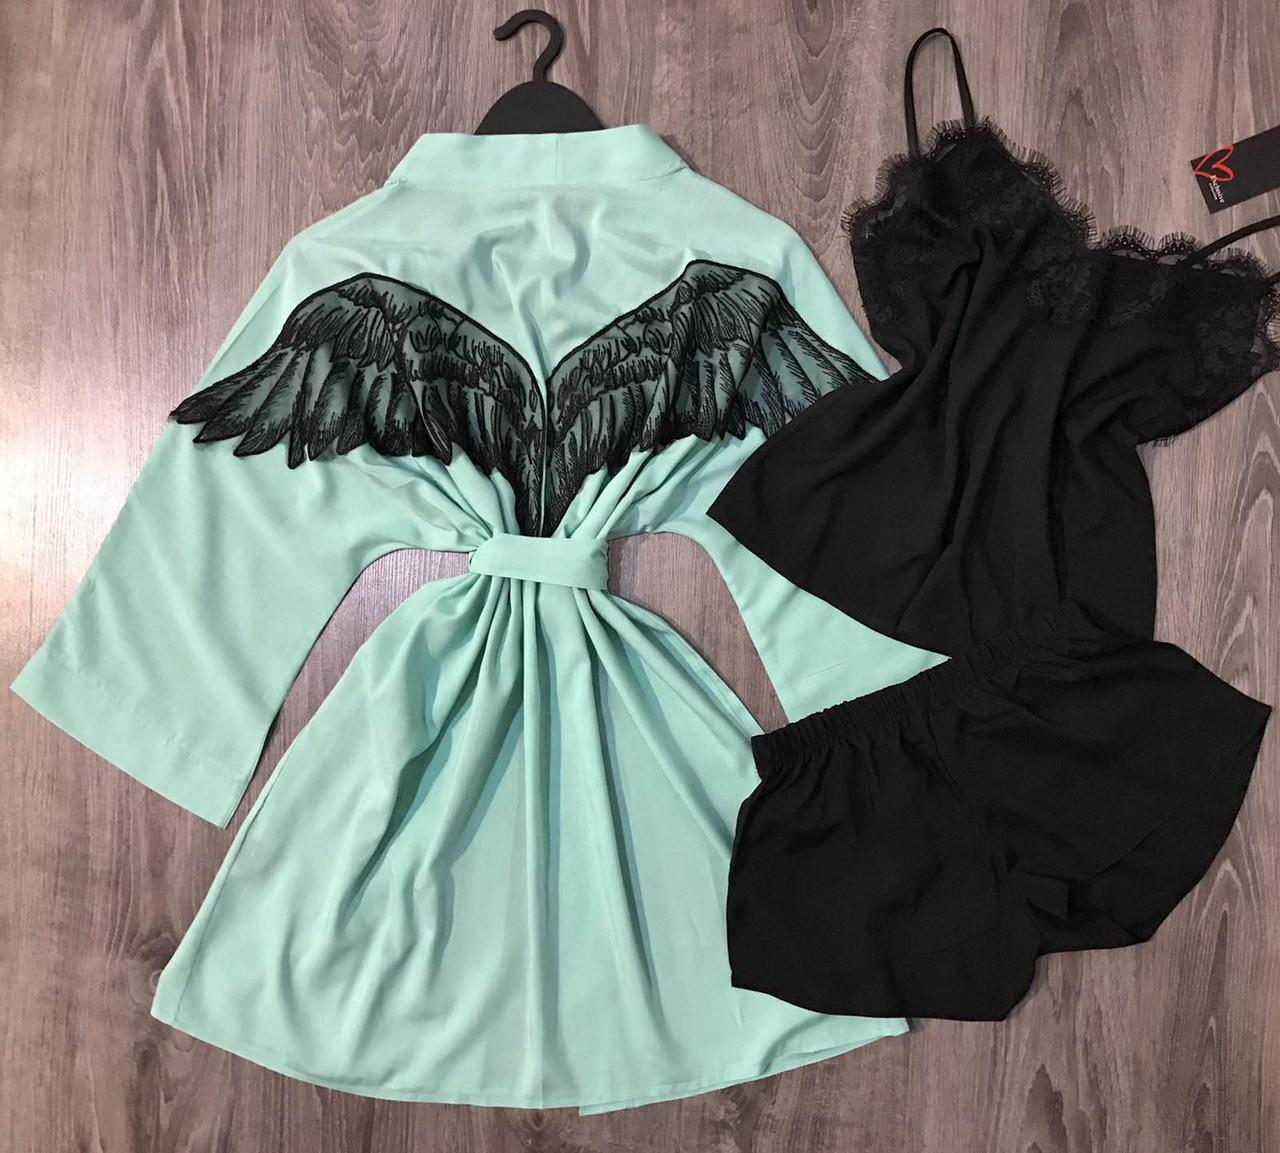 Хлопковый комплект, халат с крыльями+ черная пижама